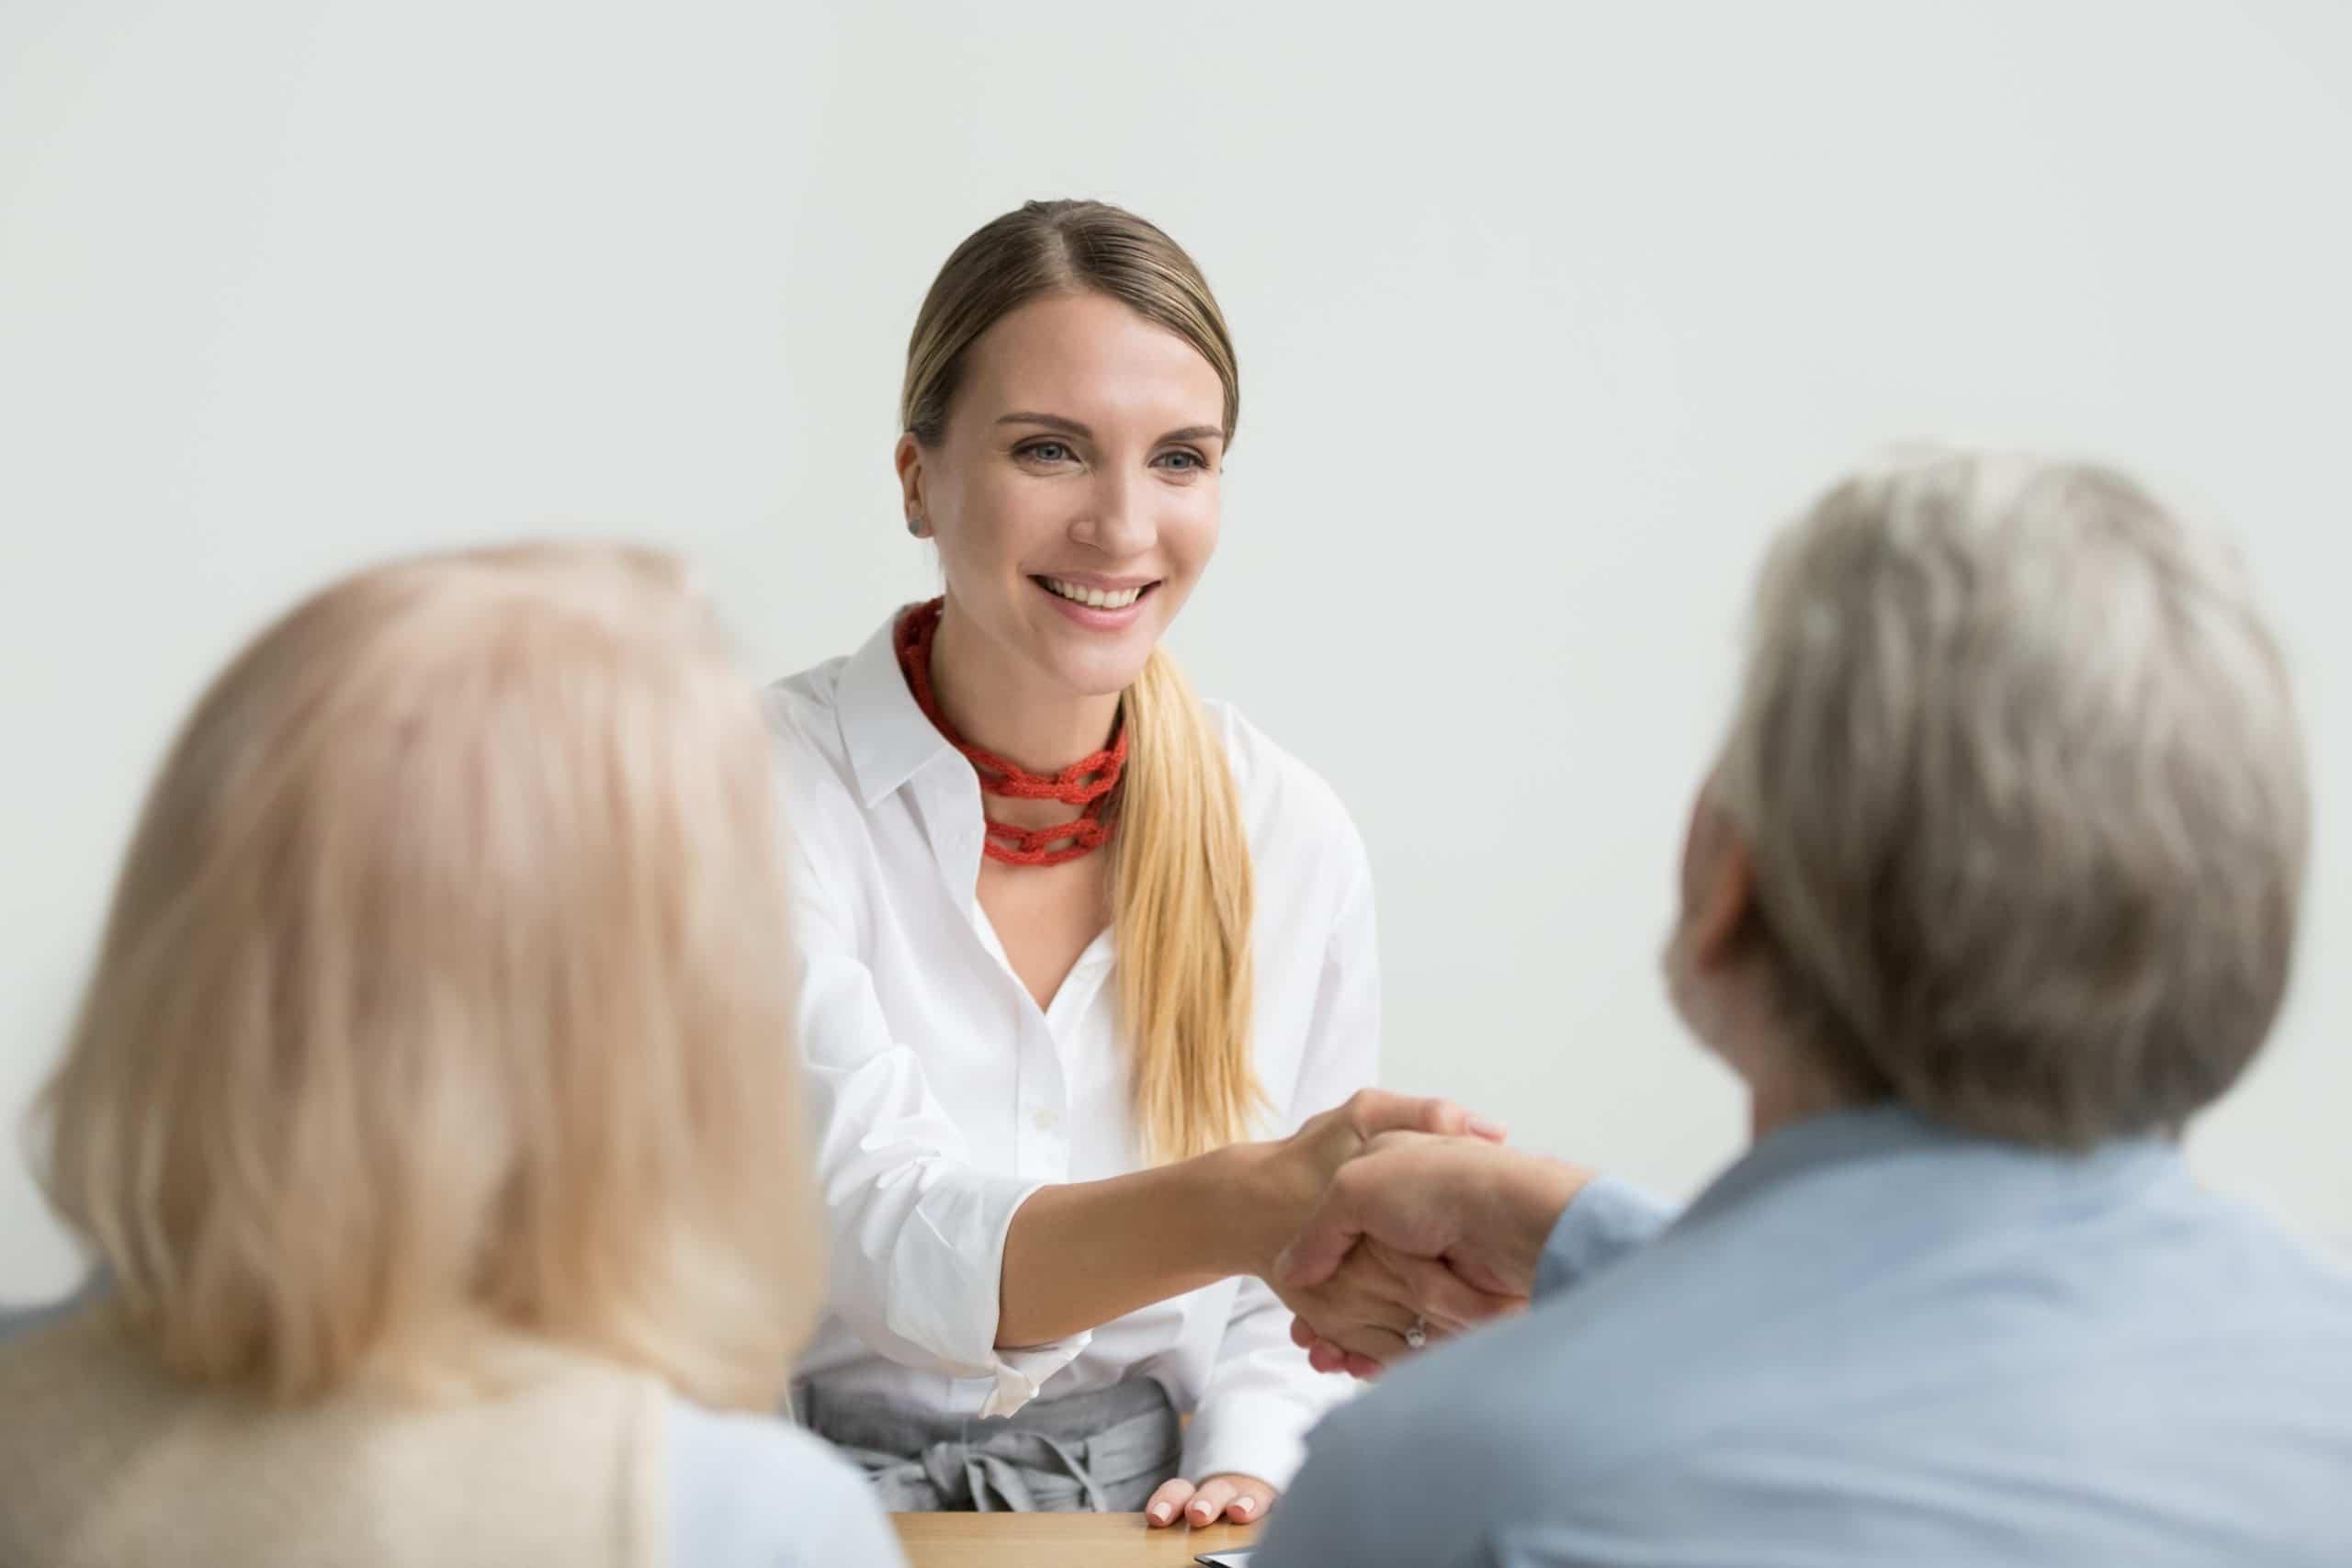 Финансовая помощь людям с ограниченными способностями5 (1)